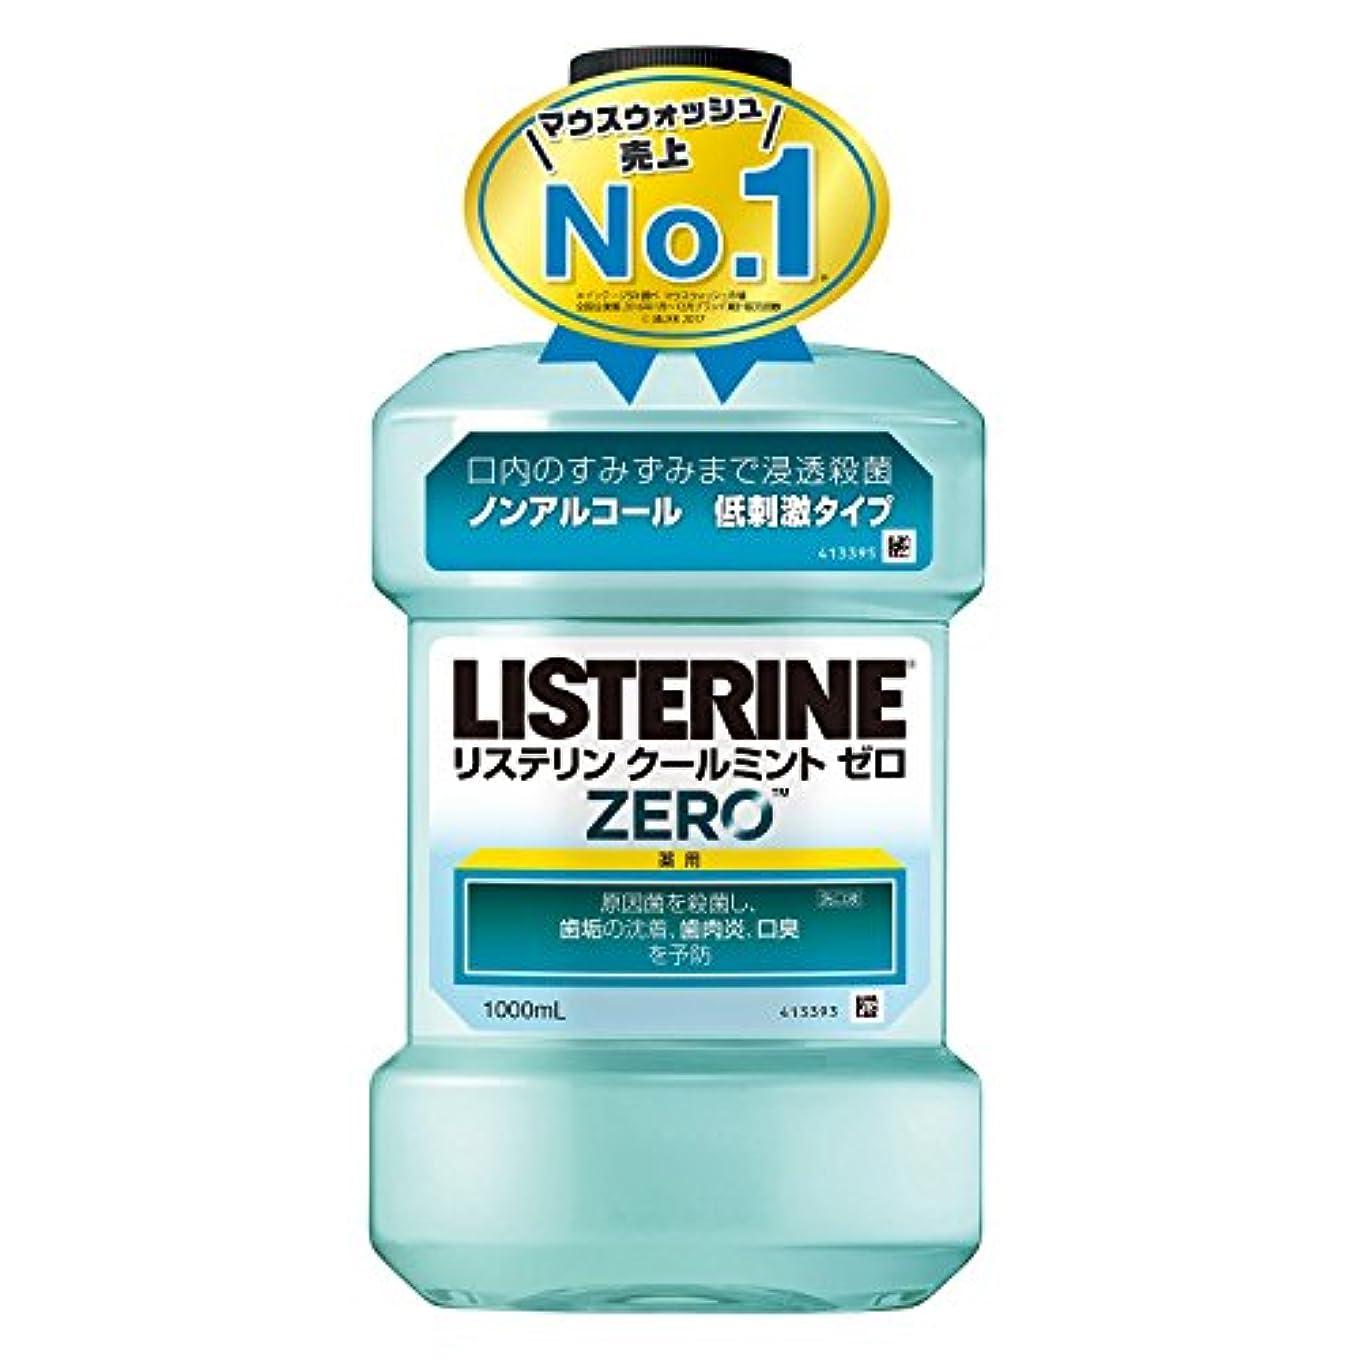 テザー寂しい迷信[医薬部外品] 薬用 リステリン マウスウォッシュ クールミント ゼロ 1000mL ノンアルコールタイプ